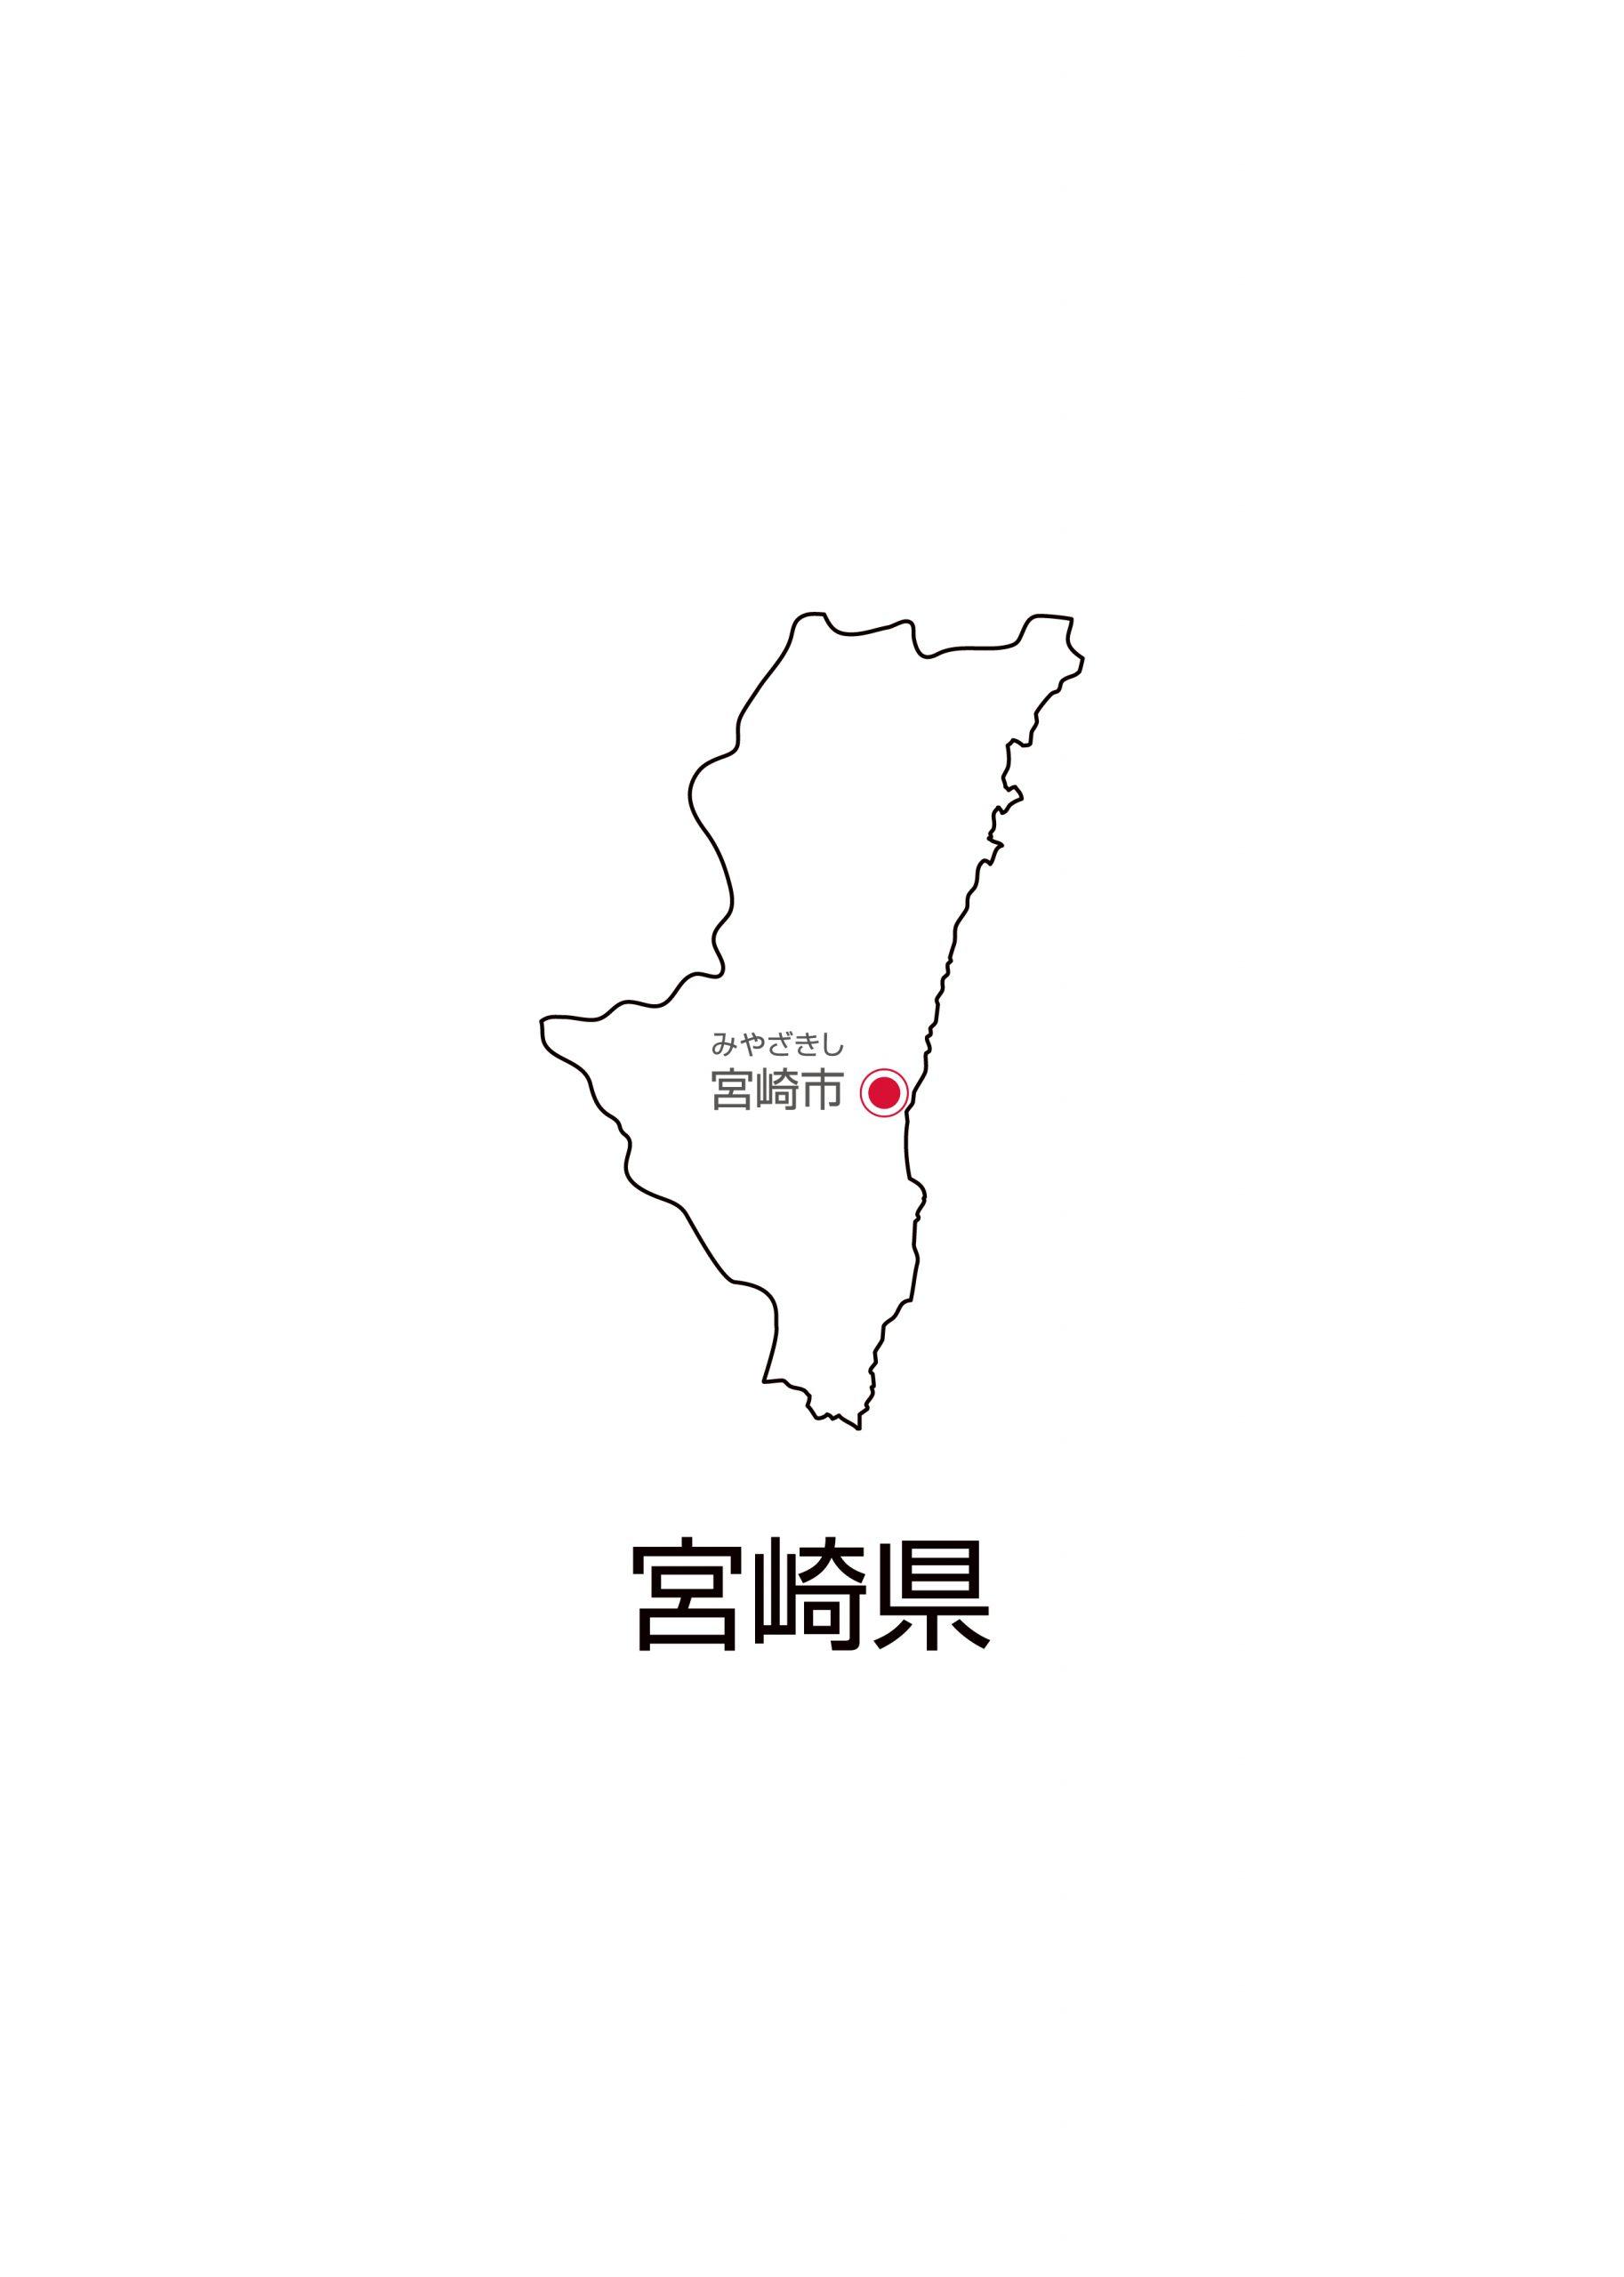 宮崎県無料フリーイラスト|日本語・県庁所在地あり・ルビあり(白)